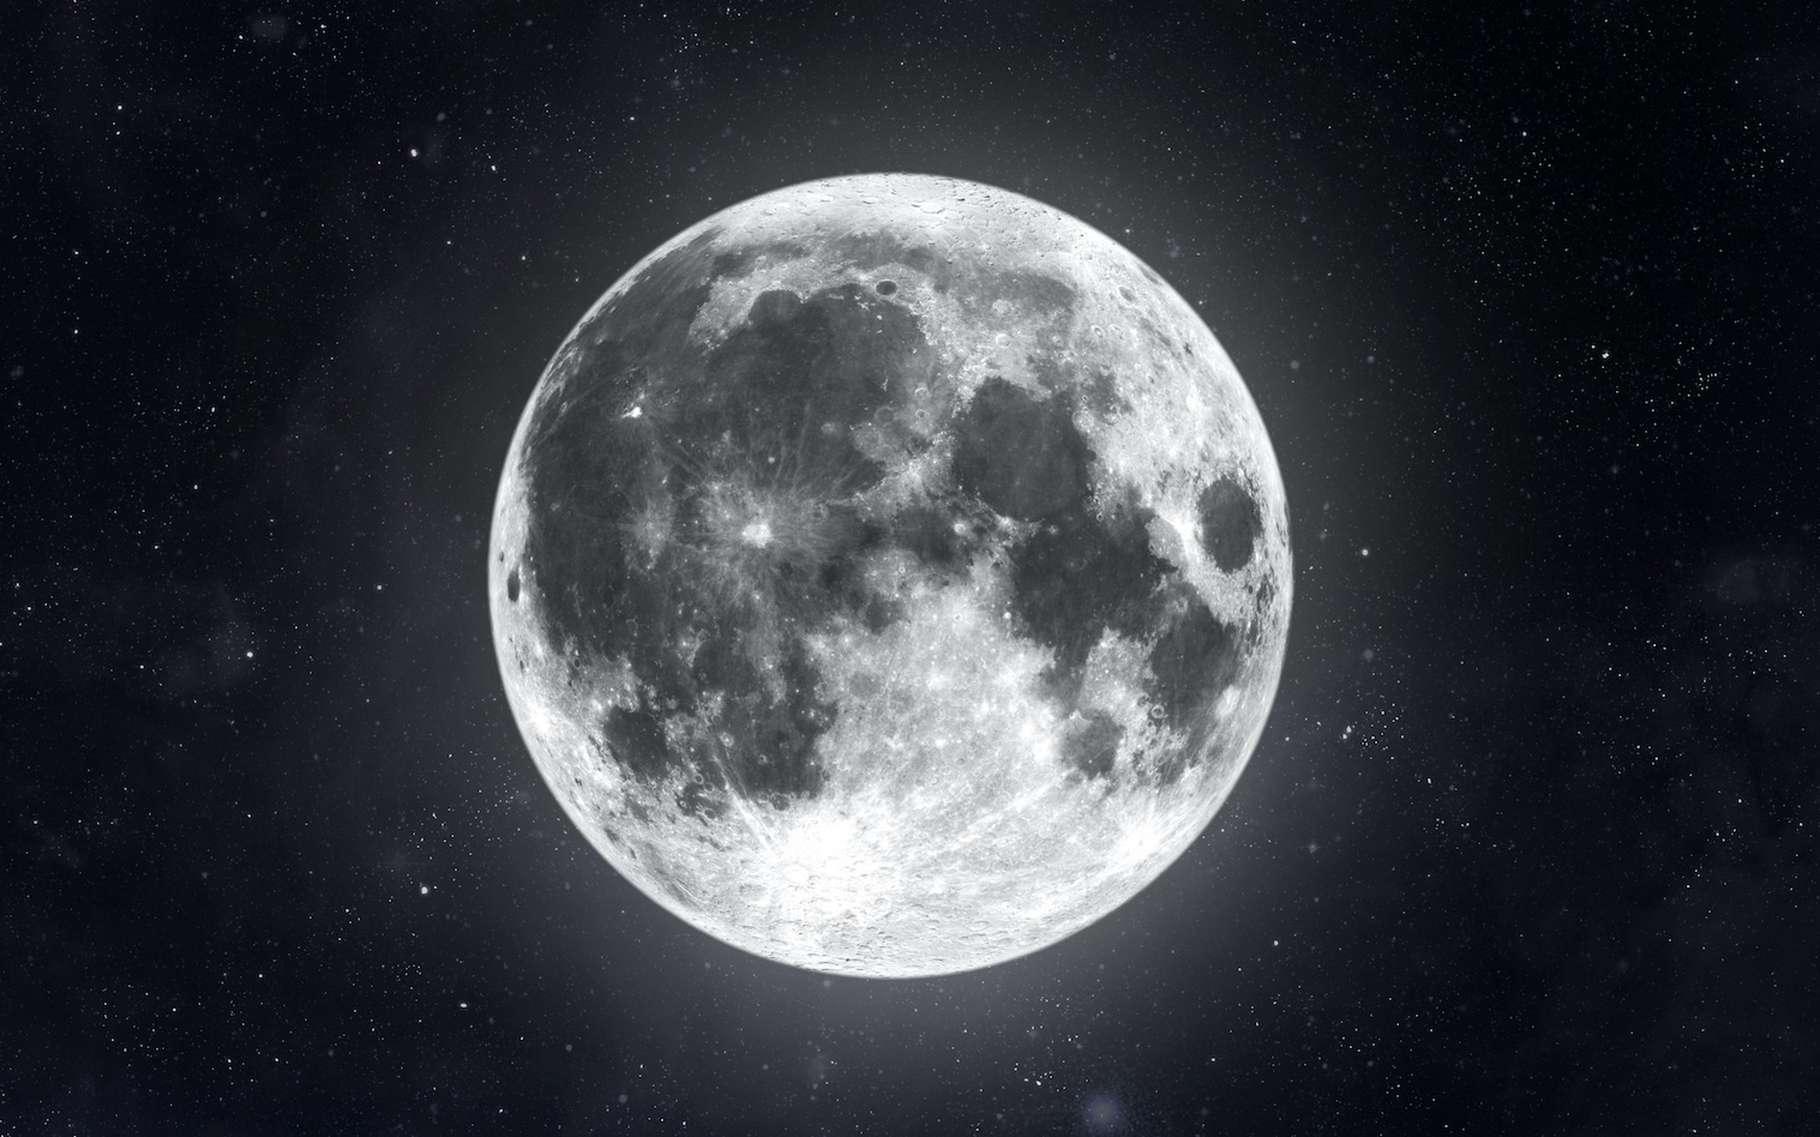 Il a reproduit l'odeur de la Lune, sans jamais avoir été dans l'espace ! © SkyLine, Adobe Stock